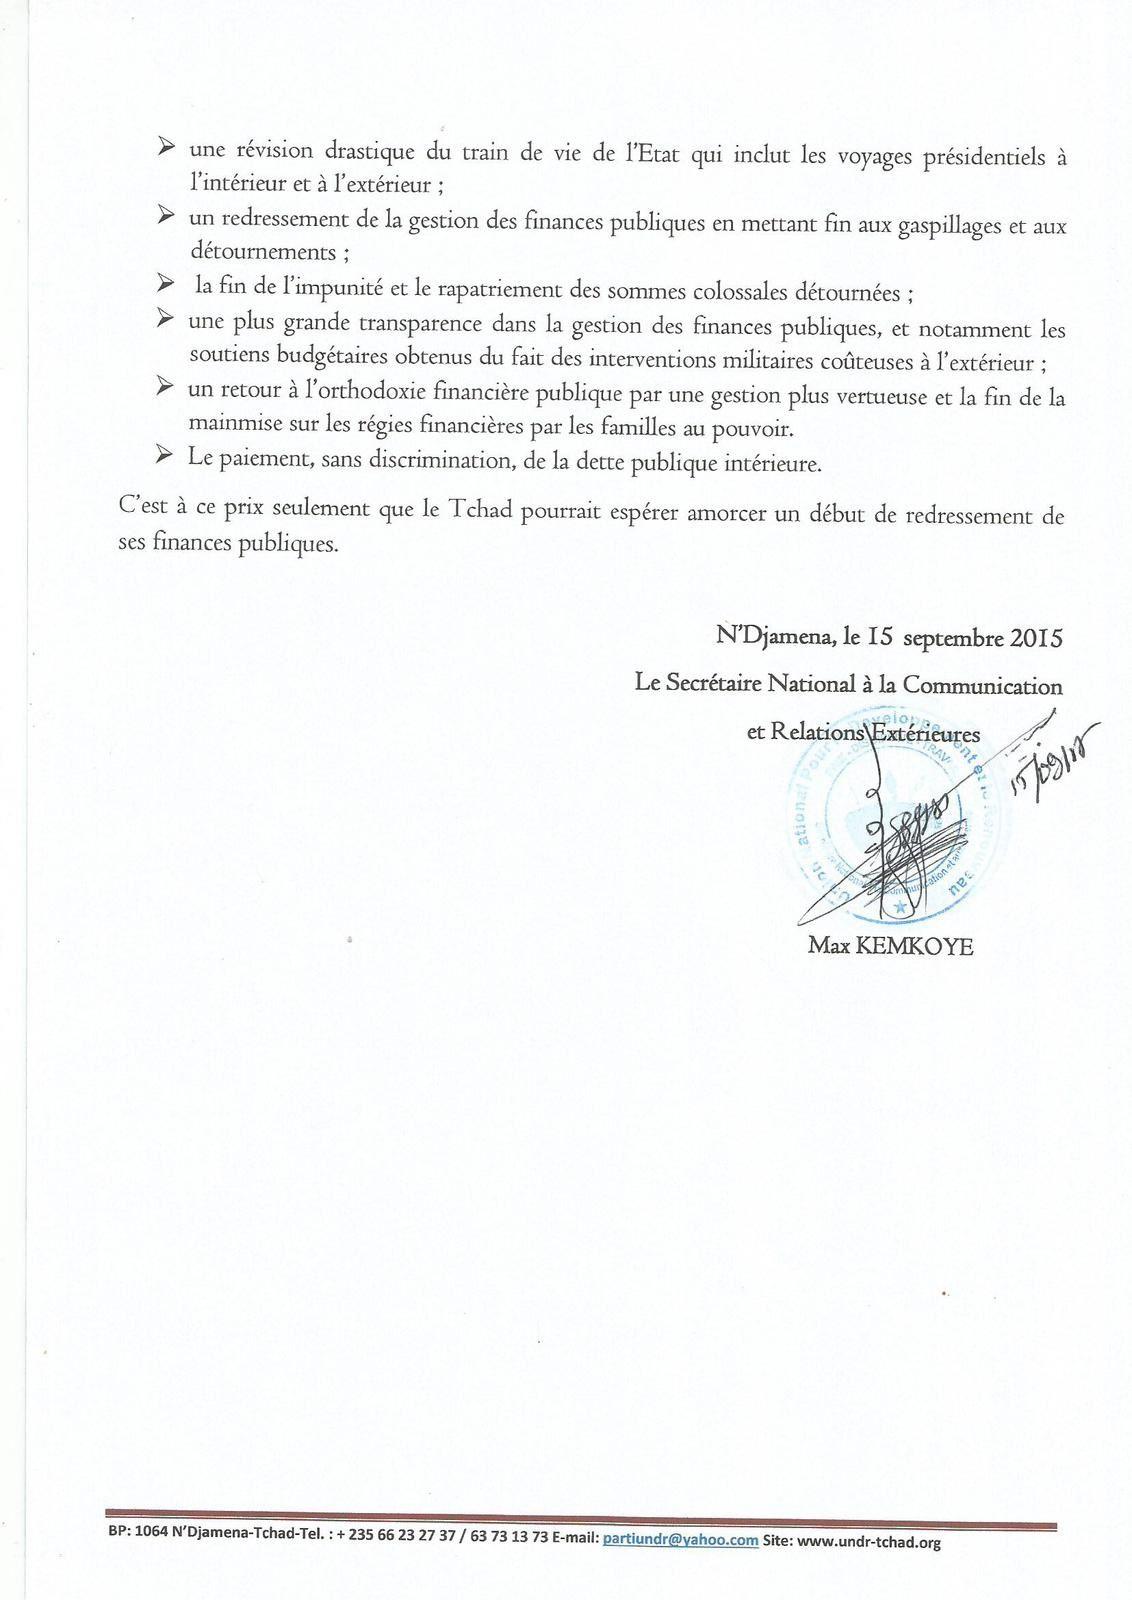 Atteintes aux droits sociaux au Tchad: L'UNDR interpelle le Gouvernement